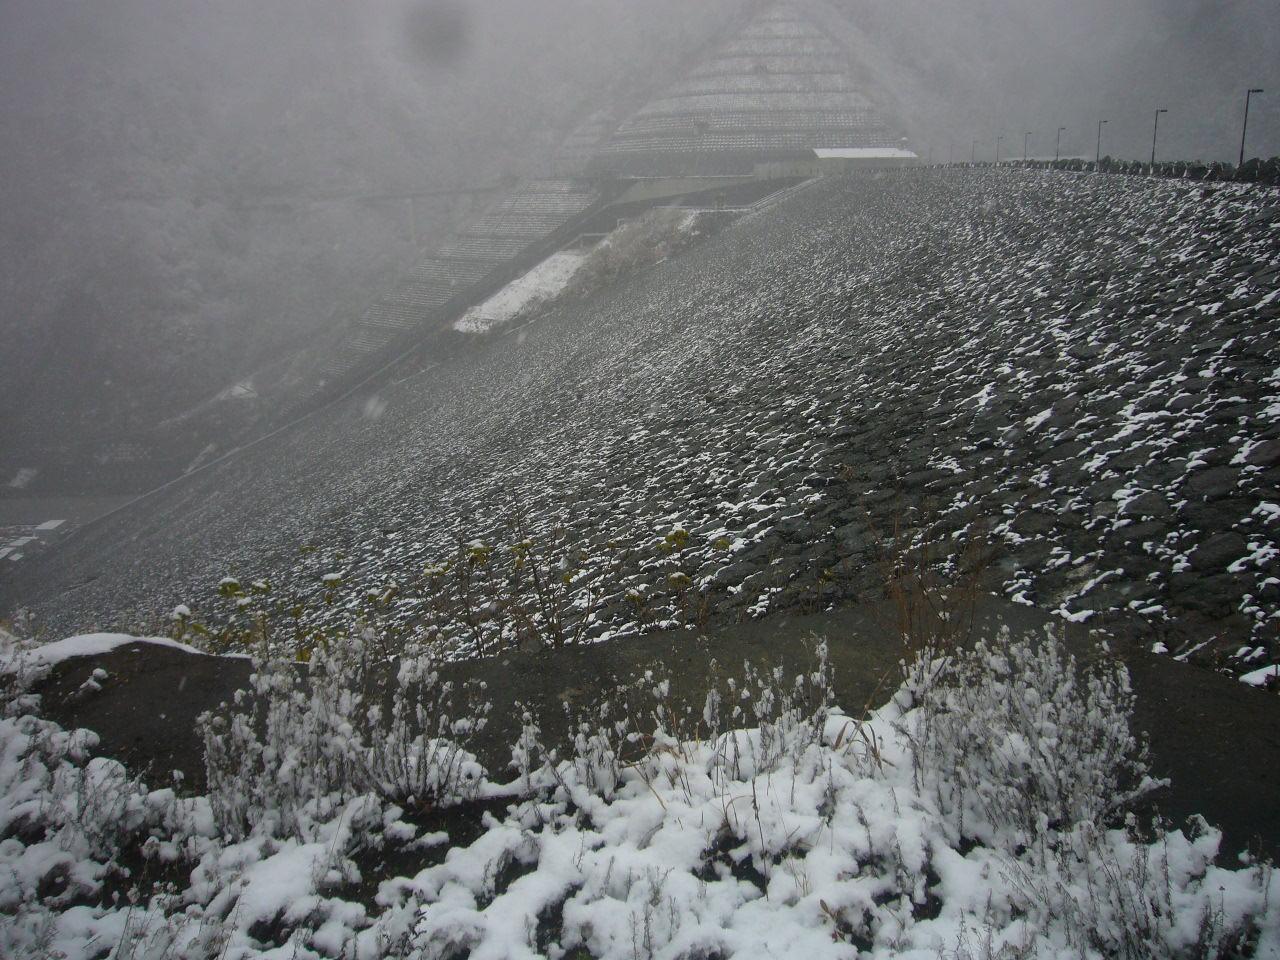 雪の徳山ダム H26.12.02